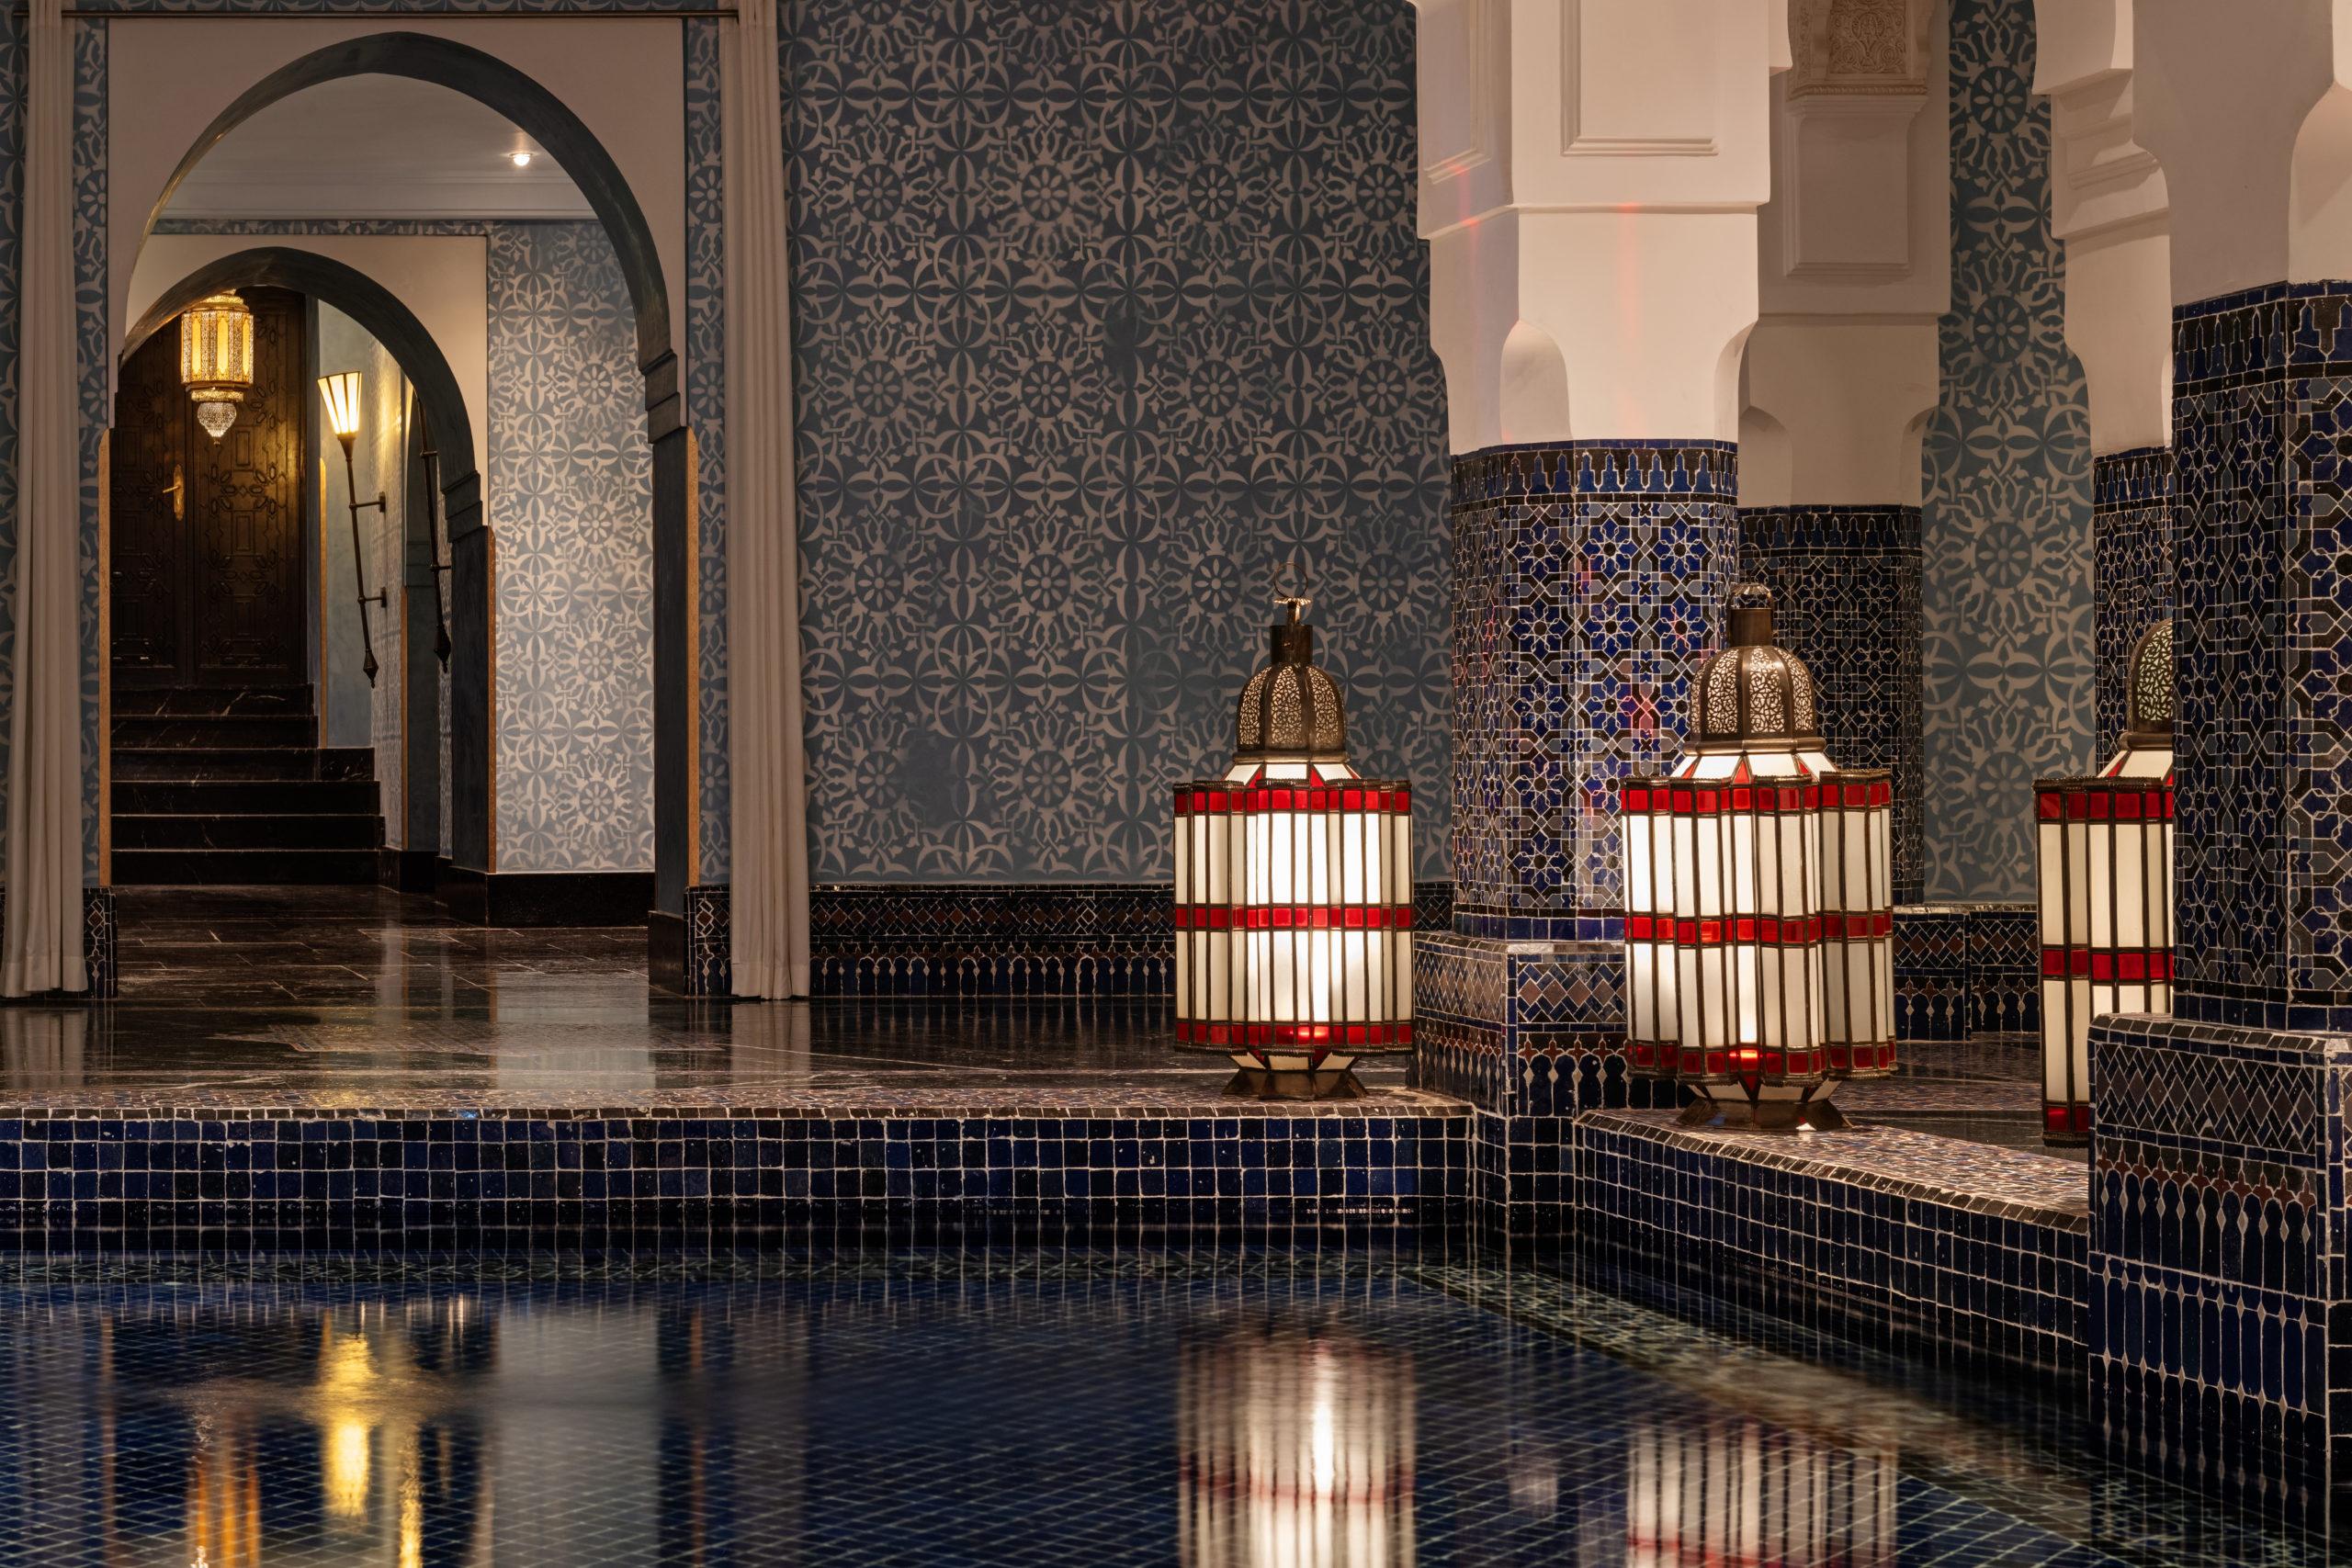 Le Spa, La Mamounia Marrakech Morocco